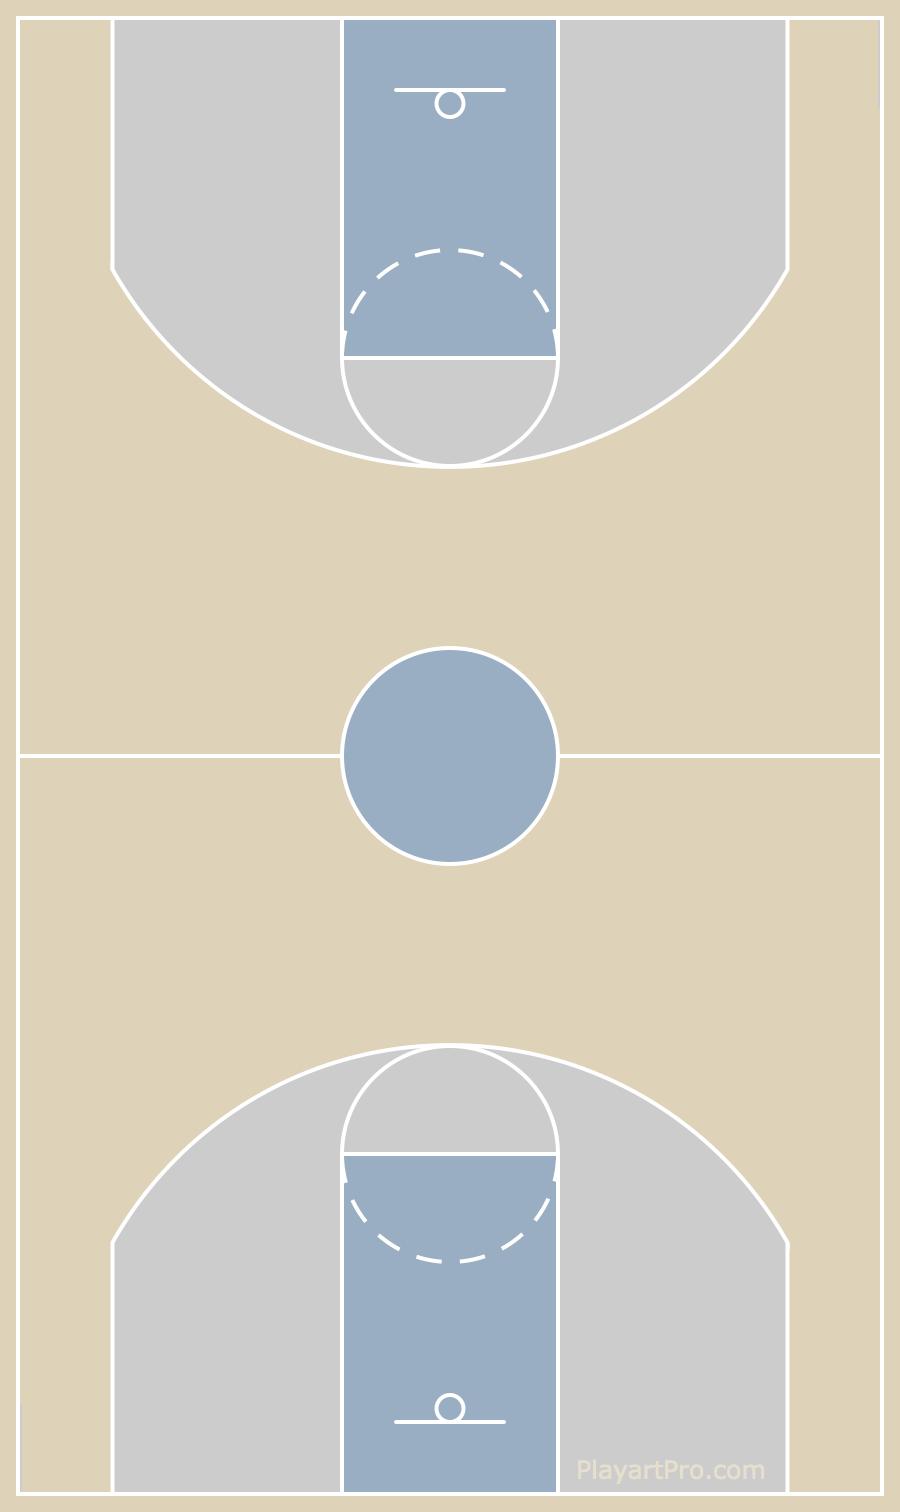 BasketballHighSchoolFull